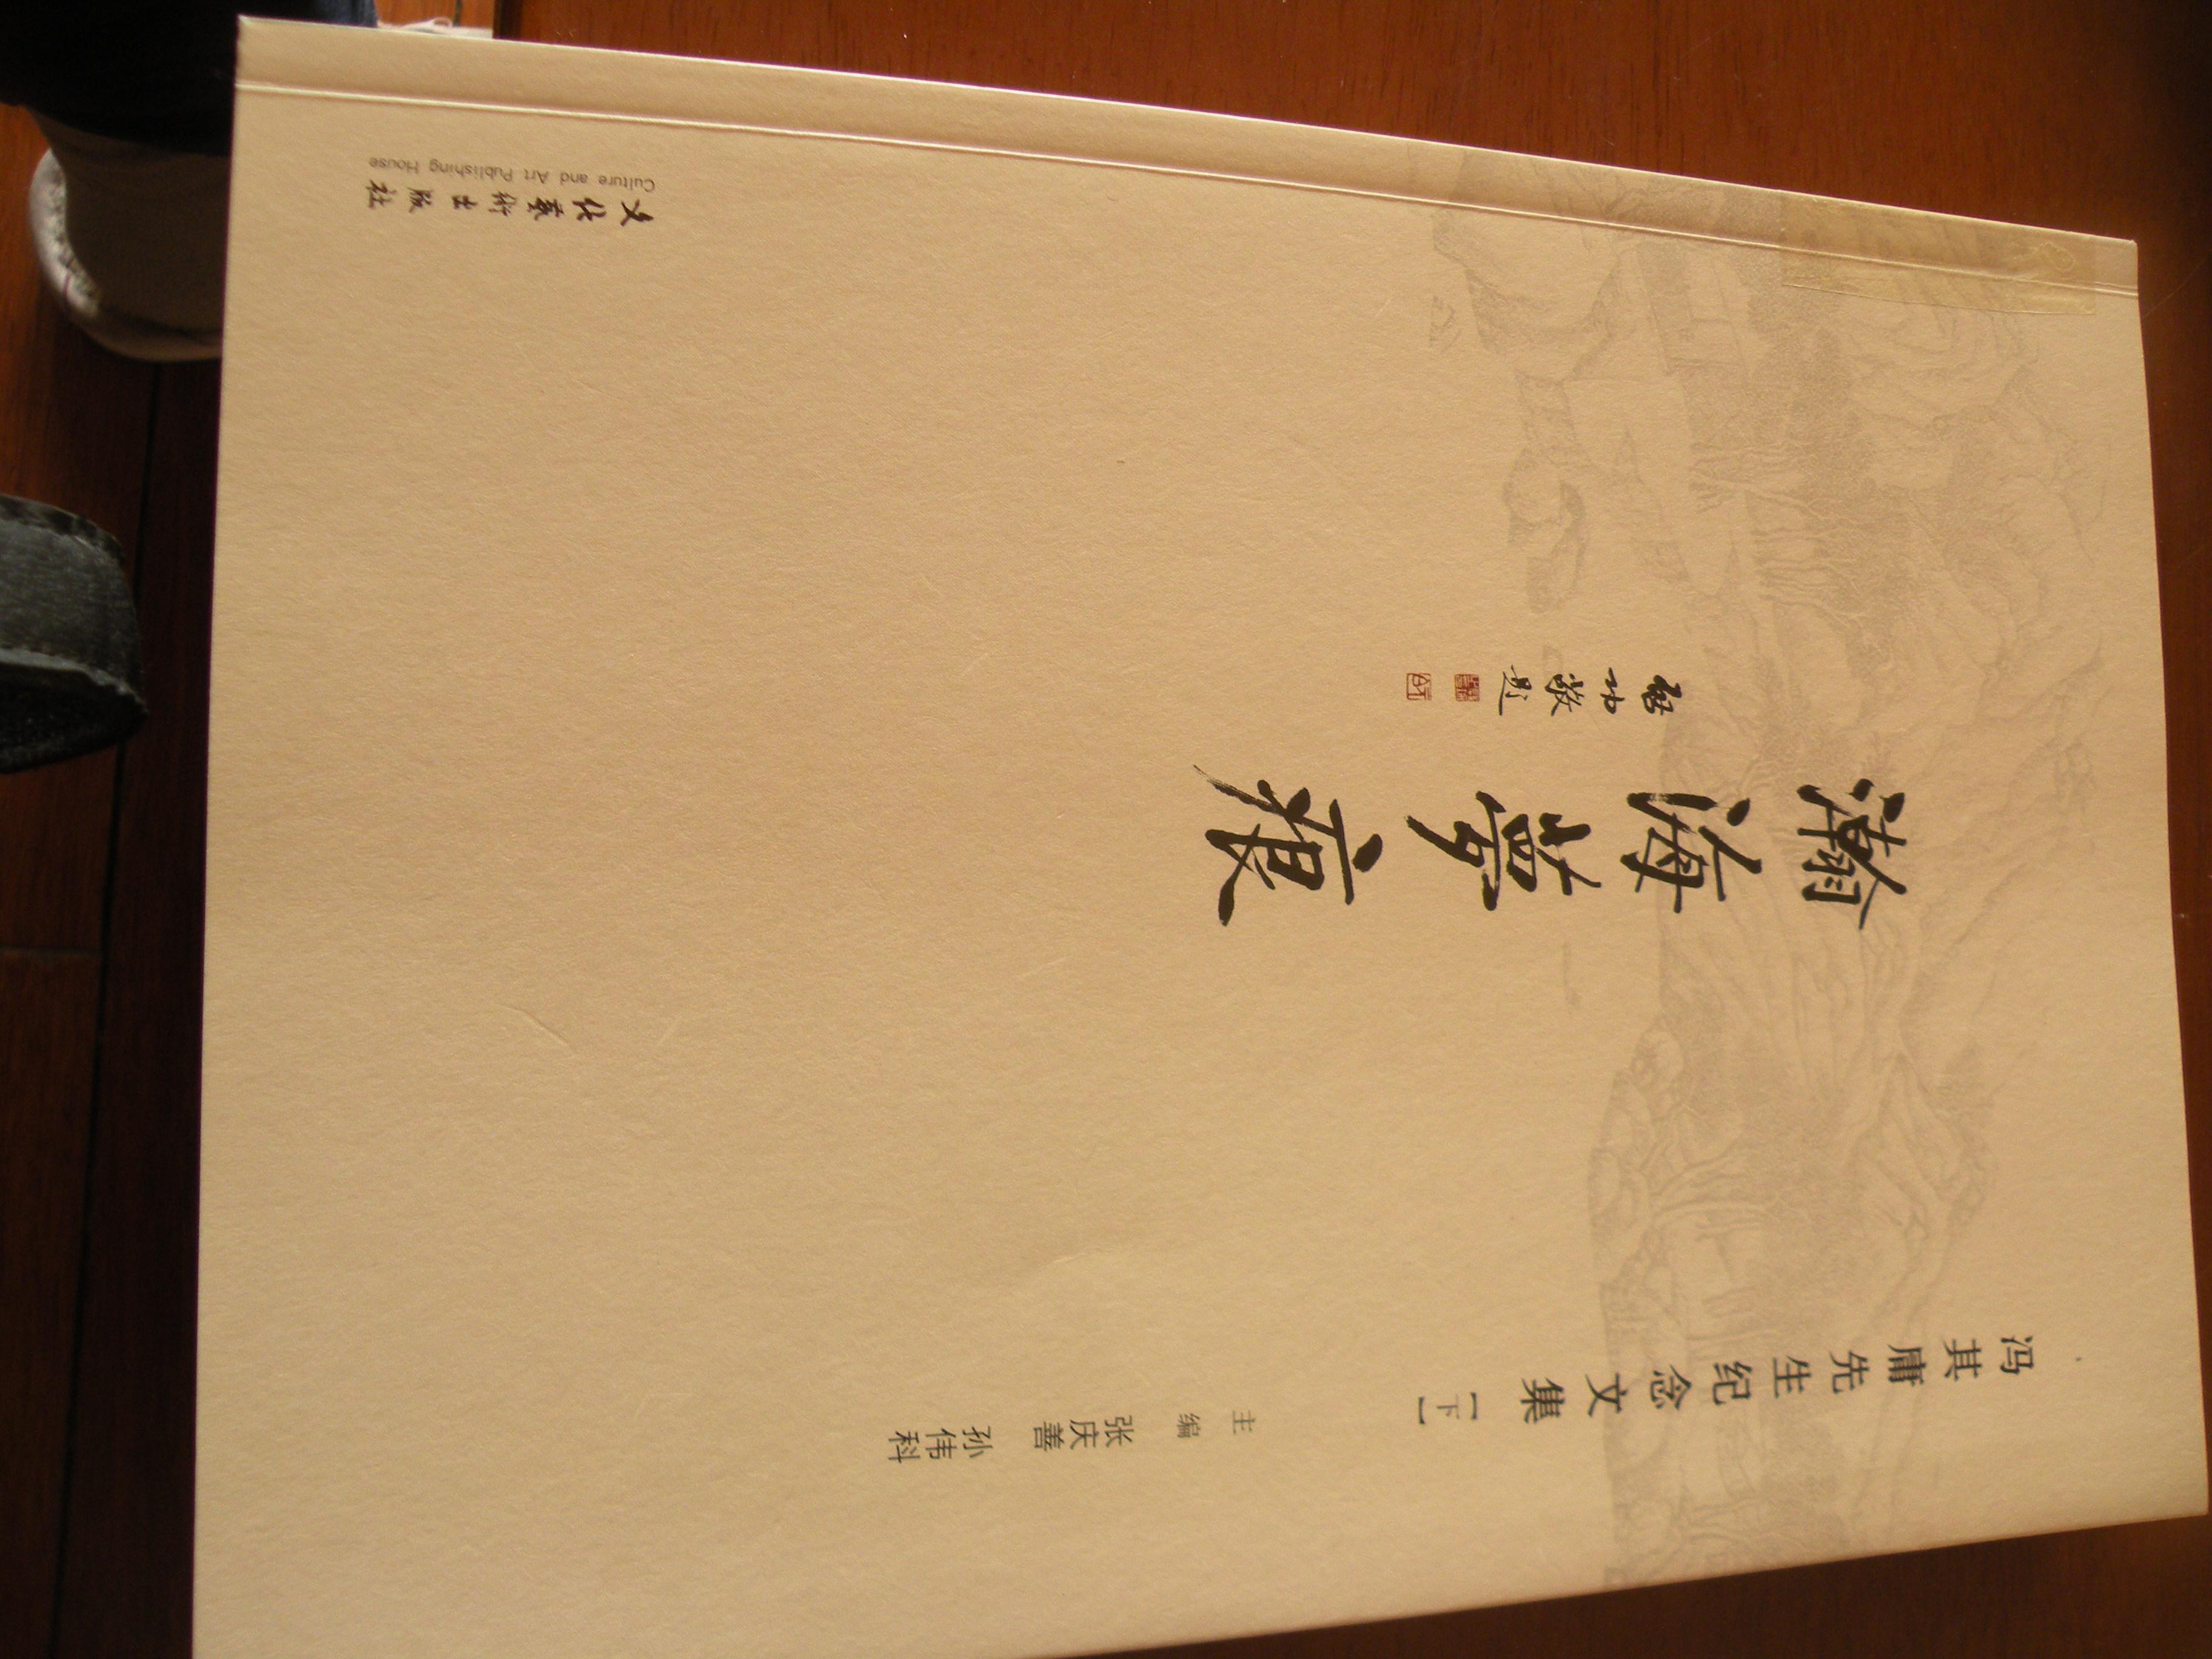 DSCN6263.JPG